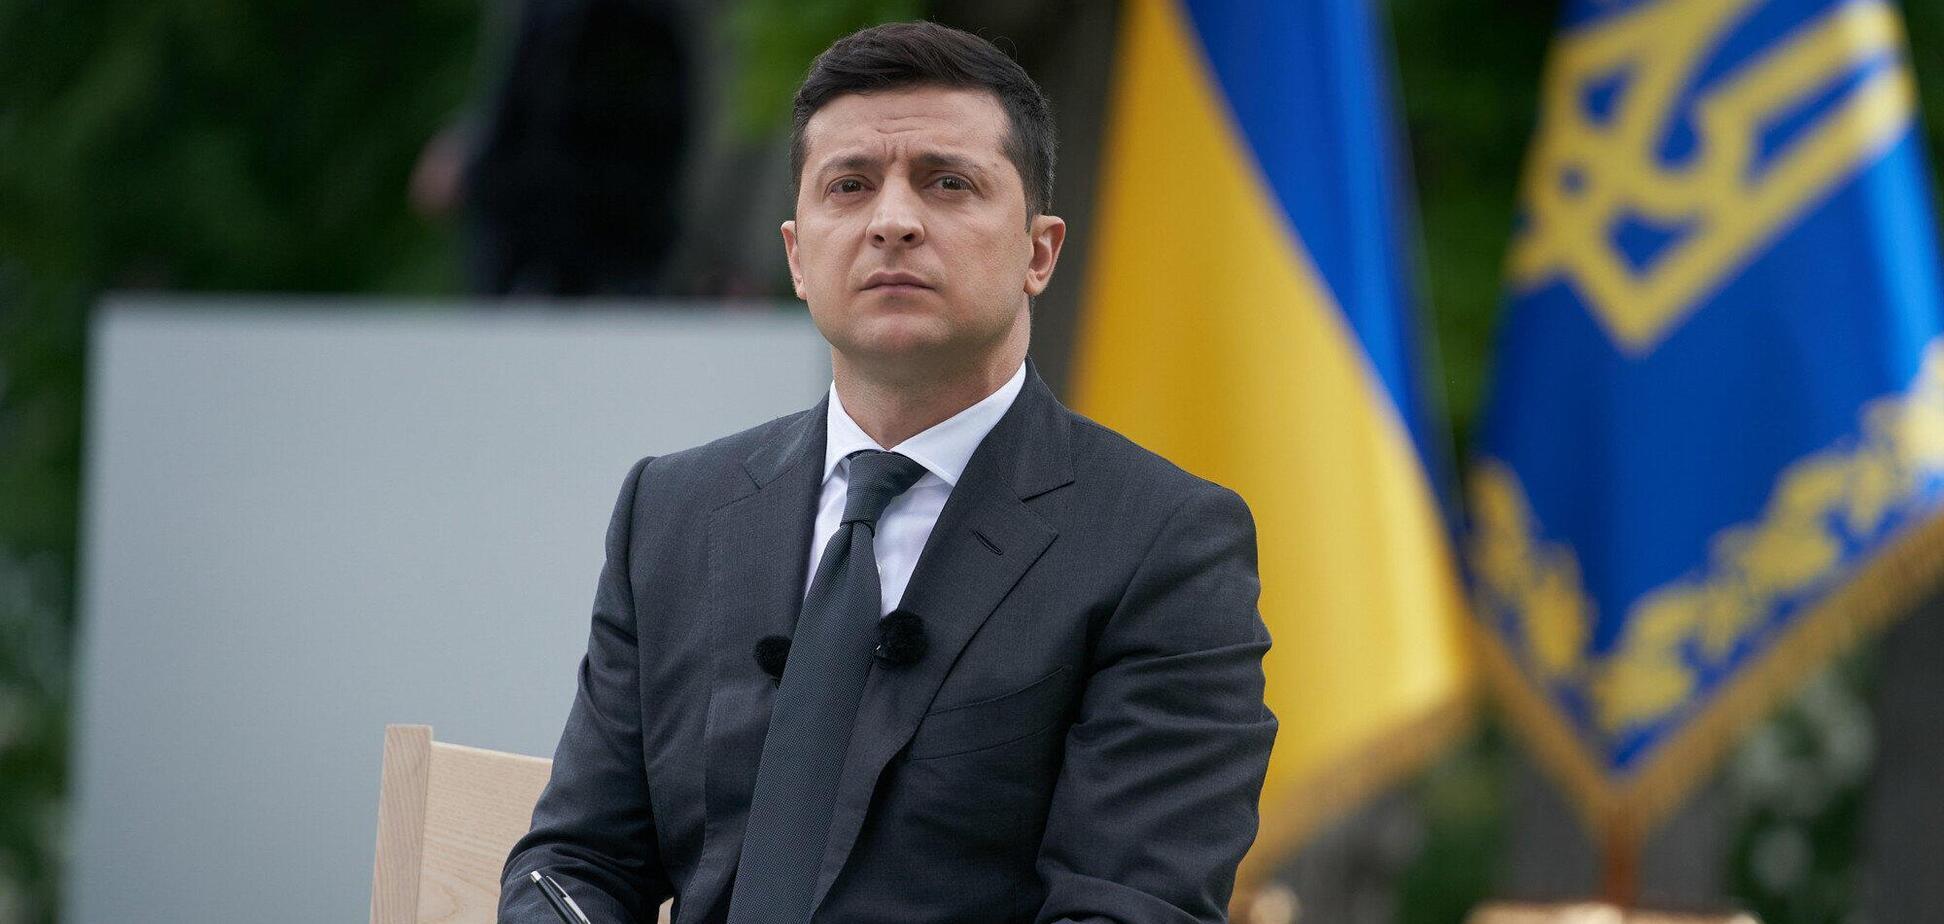 Зеленський відреагував на масову бійку в Києві. Фото kurs.com.ua